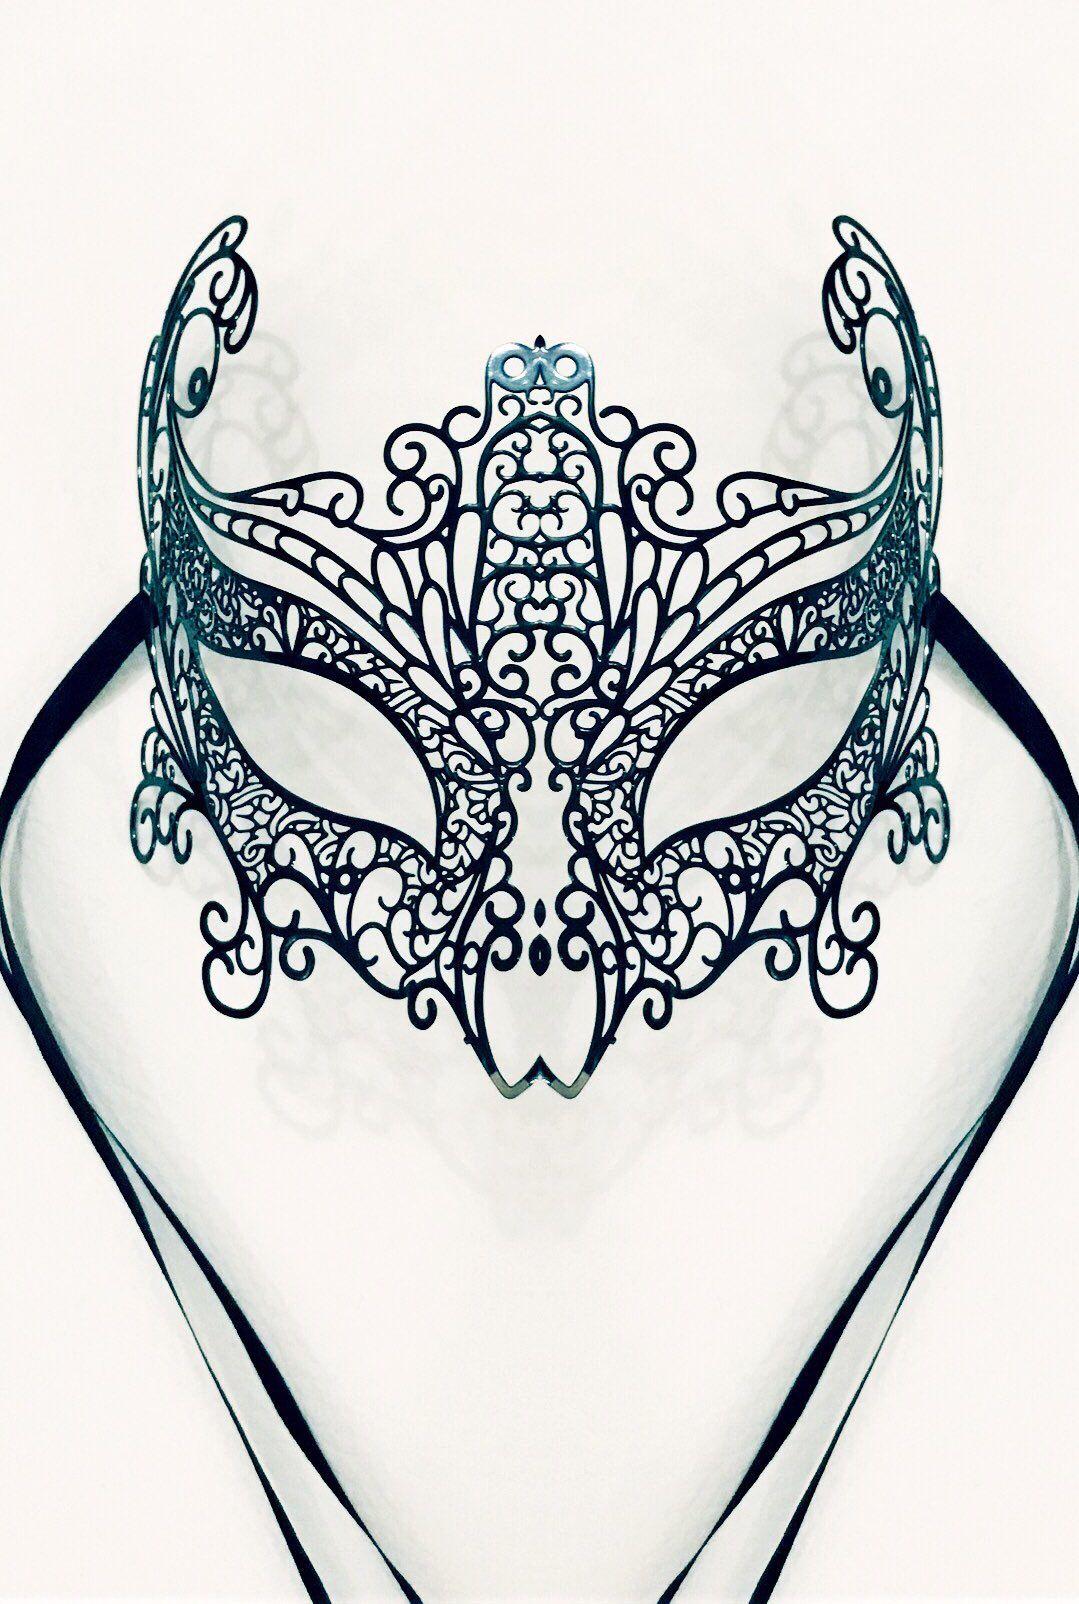 Per quanti minuti della giornata io sono io? Per quanti altri replico una maschera, un gesto imposto da un regista che non si vede e che ignoro? - Gesualdo Bufalino - #carnival #lifestyle #mylife #fashion #rock